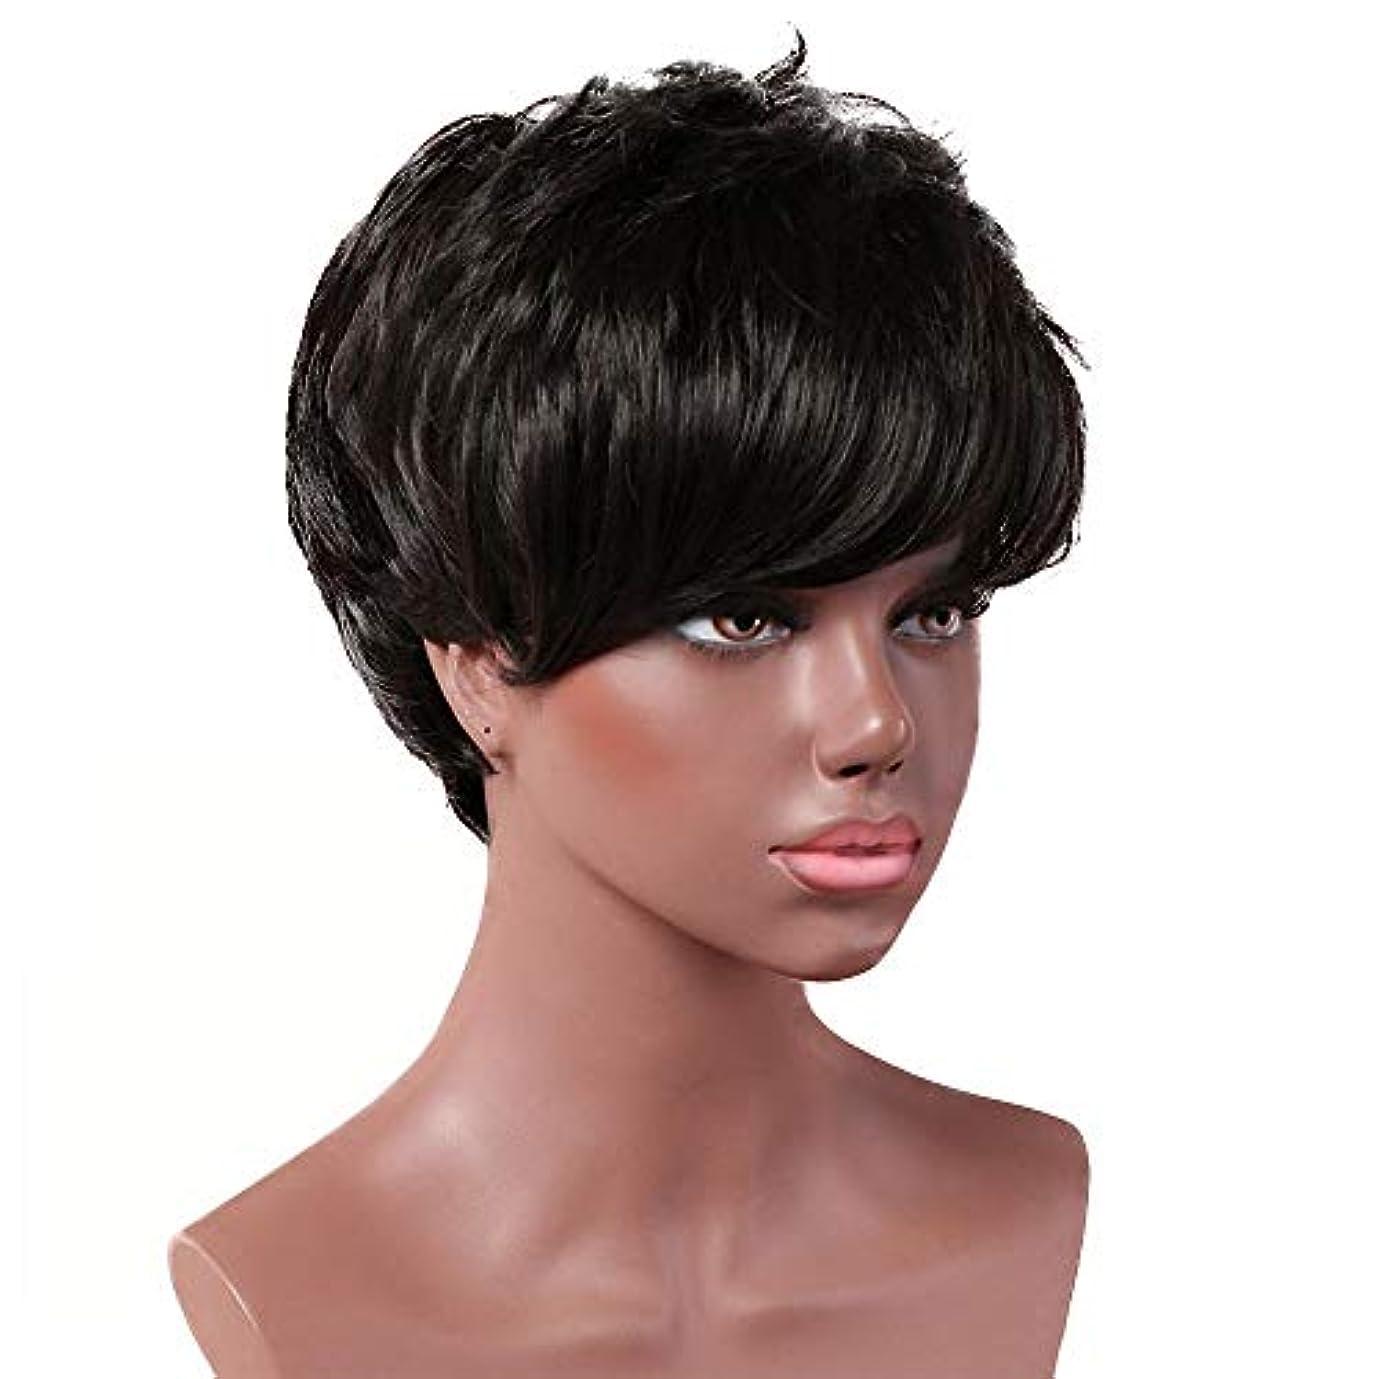 実施する知性はねかける女性用黒ショートカーリーウィッグ自然髪ウィッグ前髪付き合成フルヘアウィッグ女性と女の子用ハロウィンコスプレパーティーウィッグ